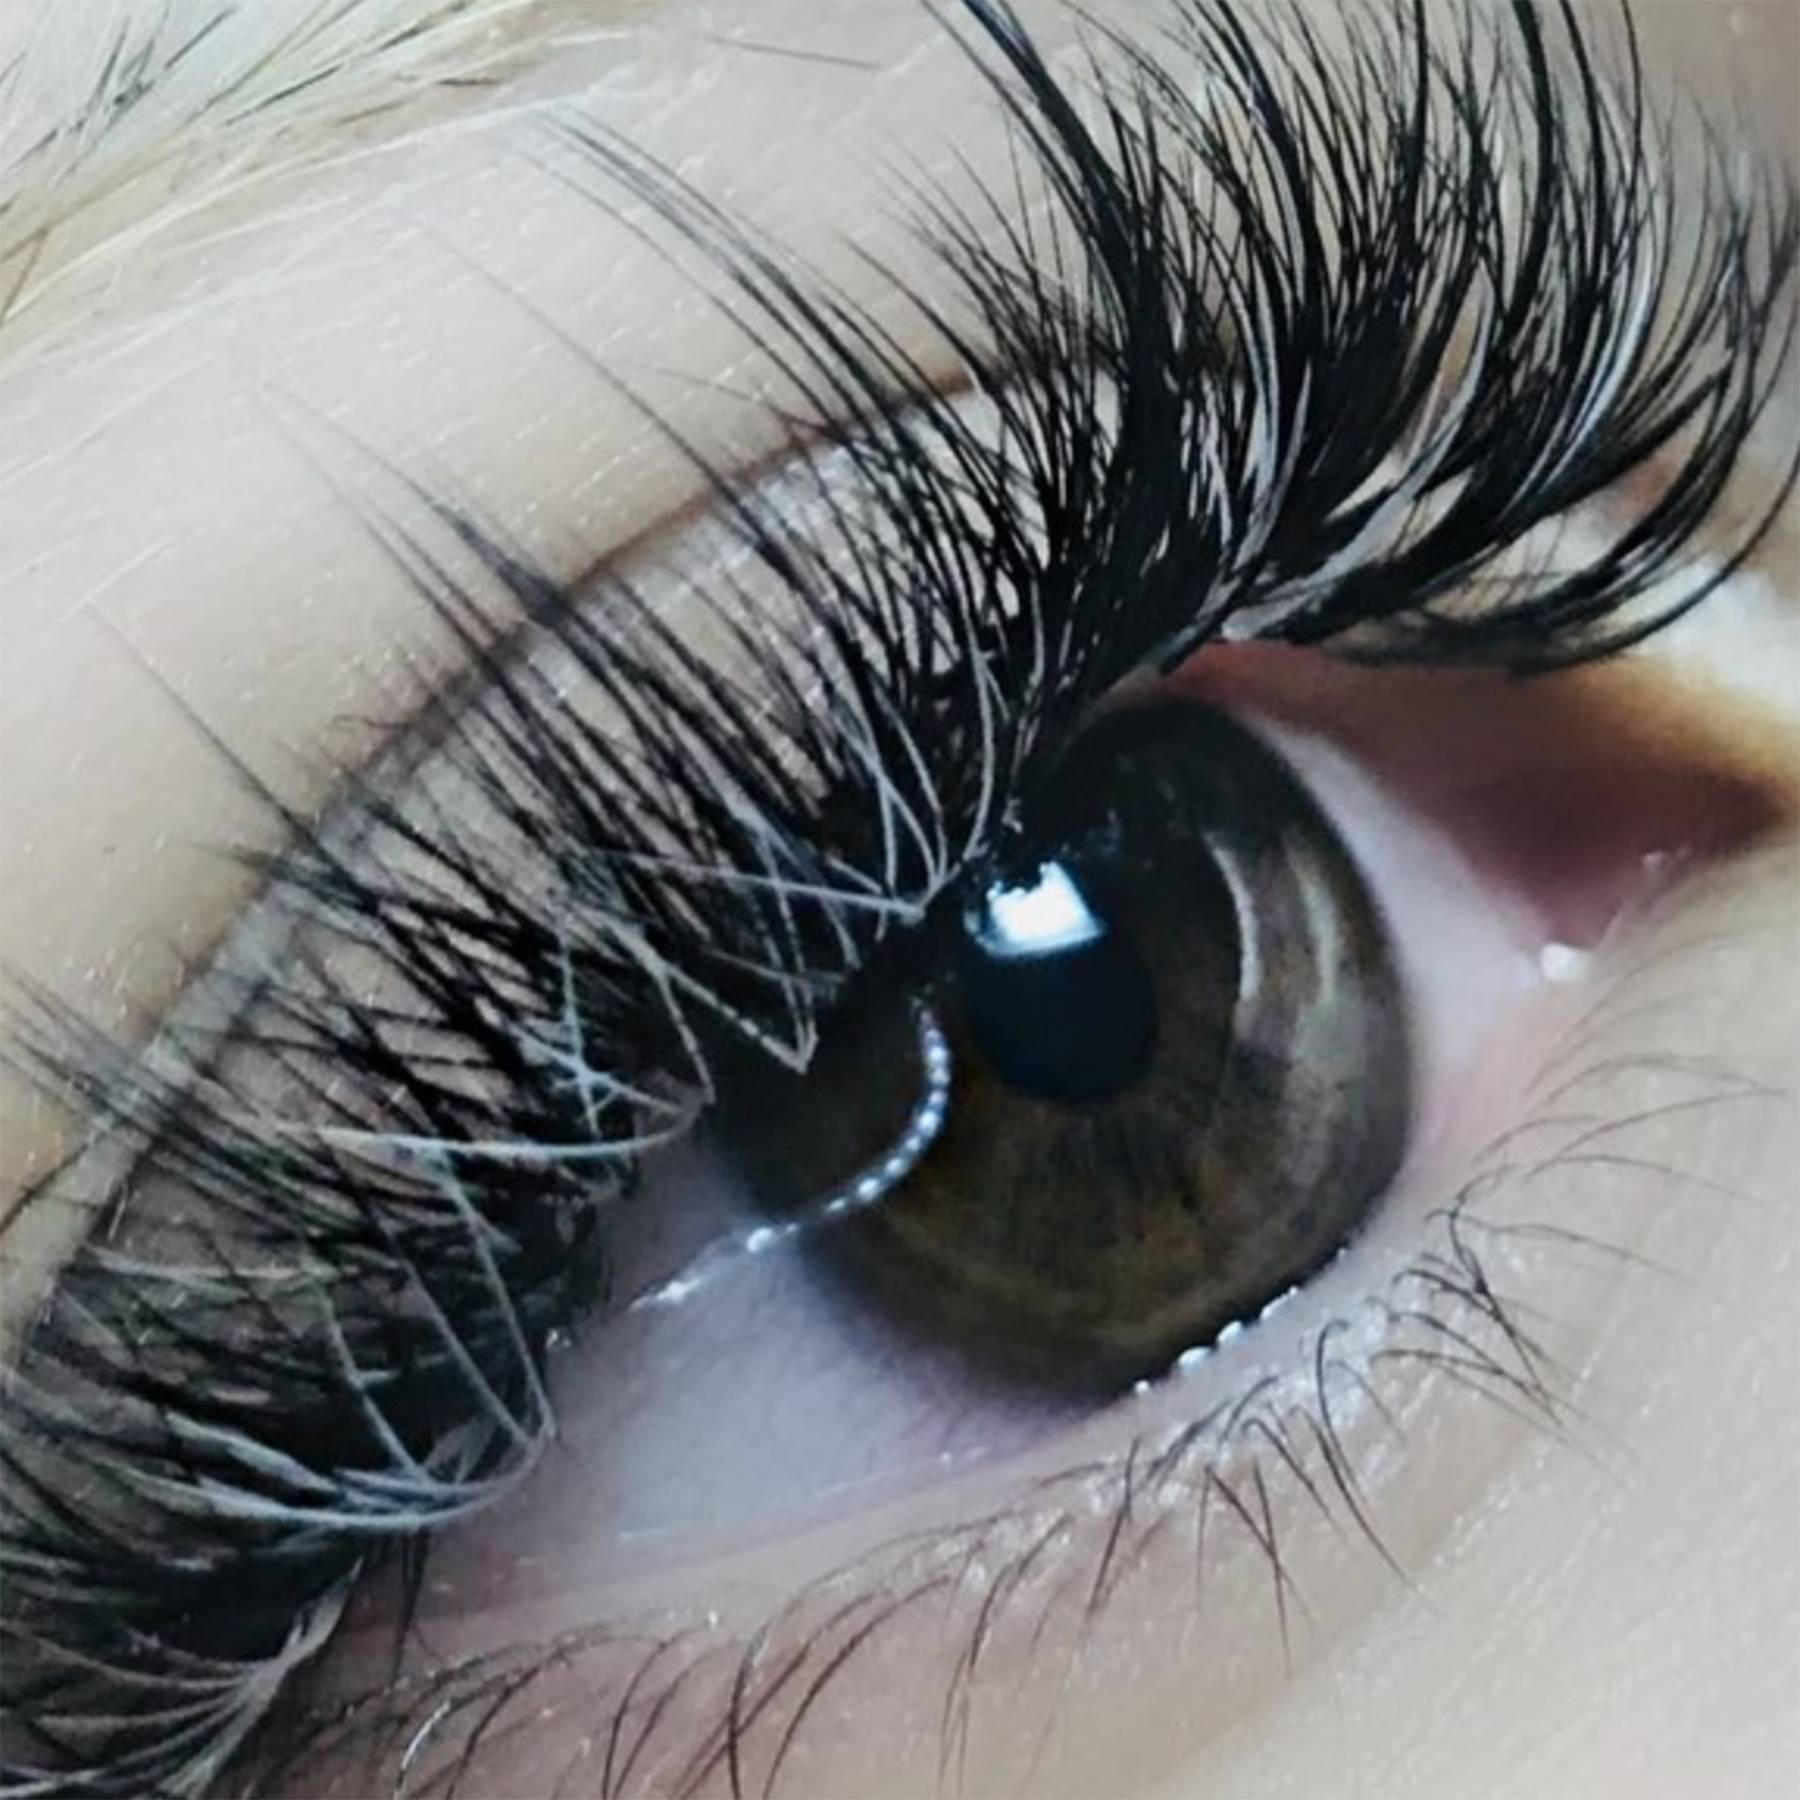 Eyelash Growth: Tips And Tricks To Boost Eyelashes | Glamour UK